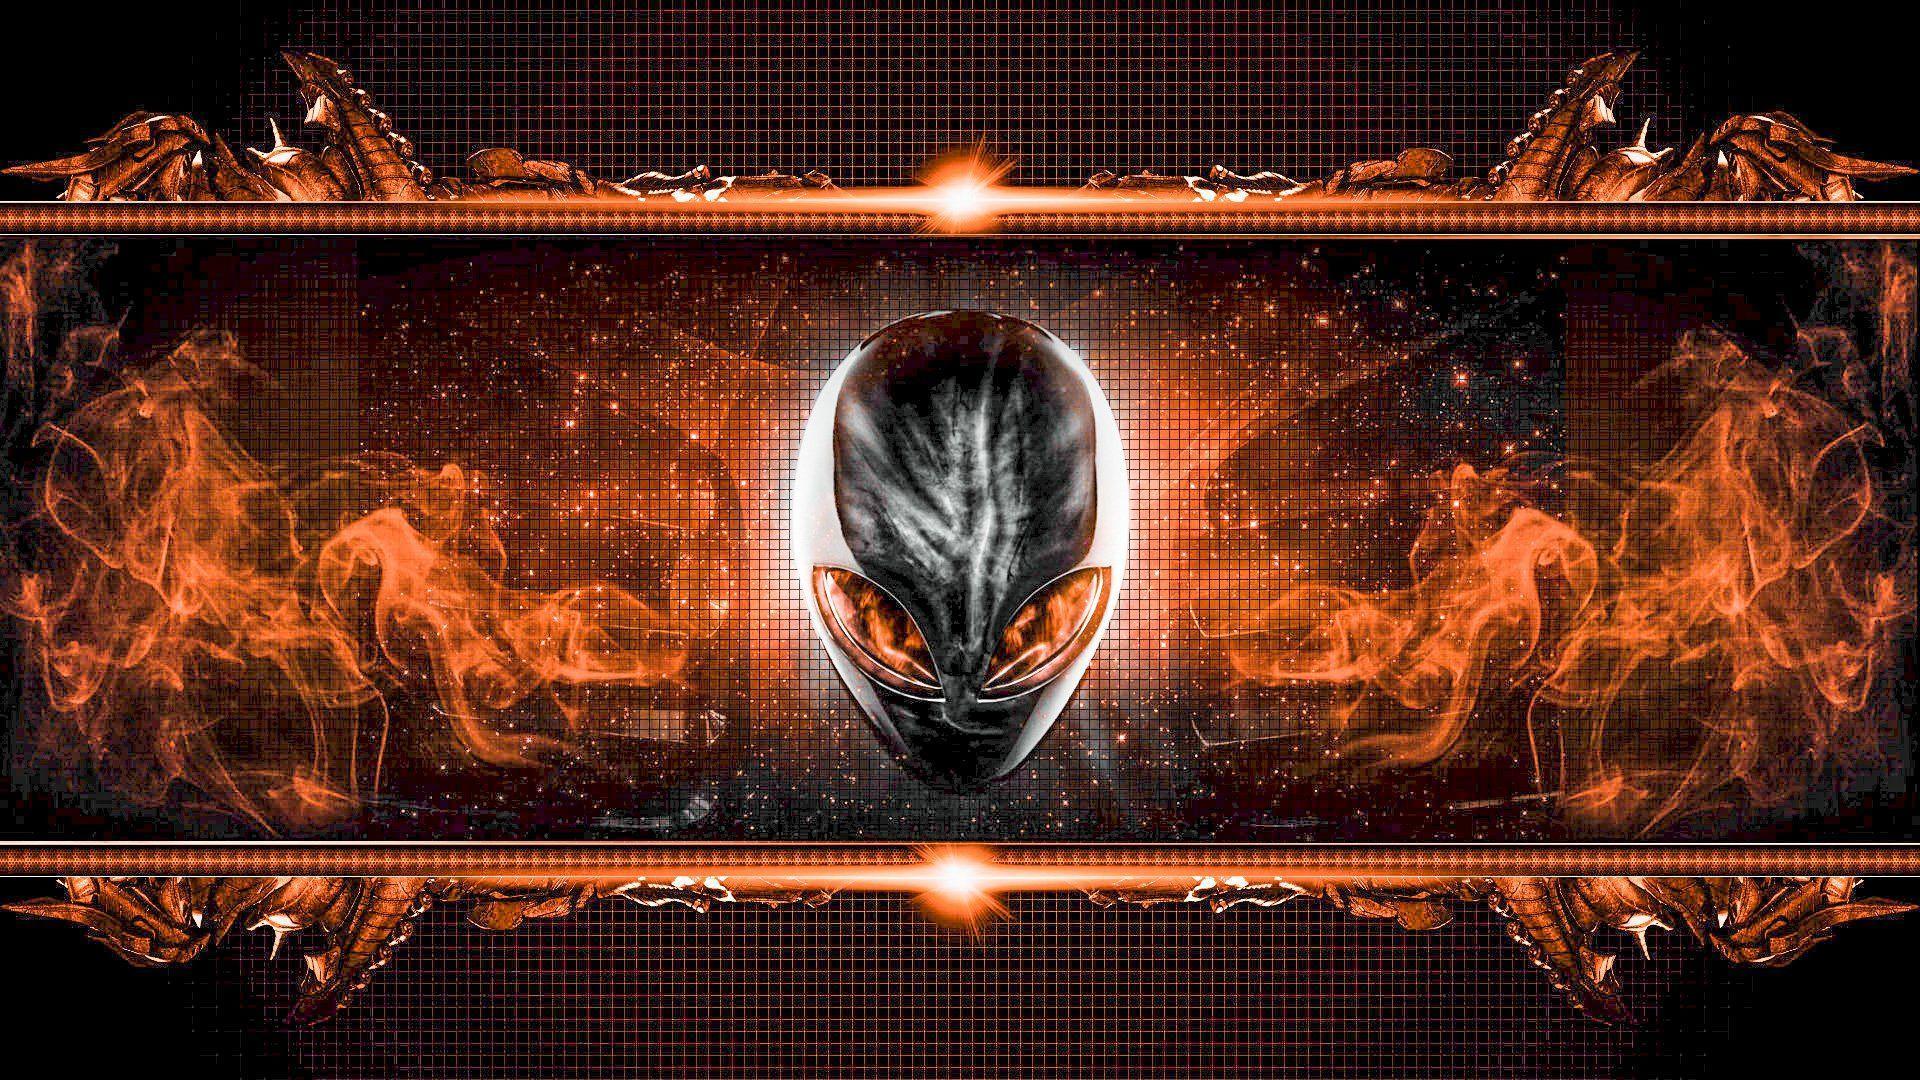 Orange Alienware Wallpapers - Top Free